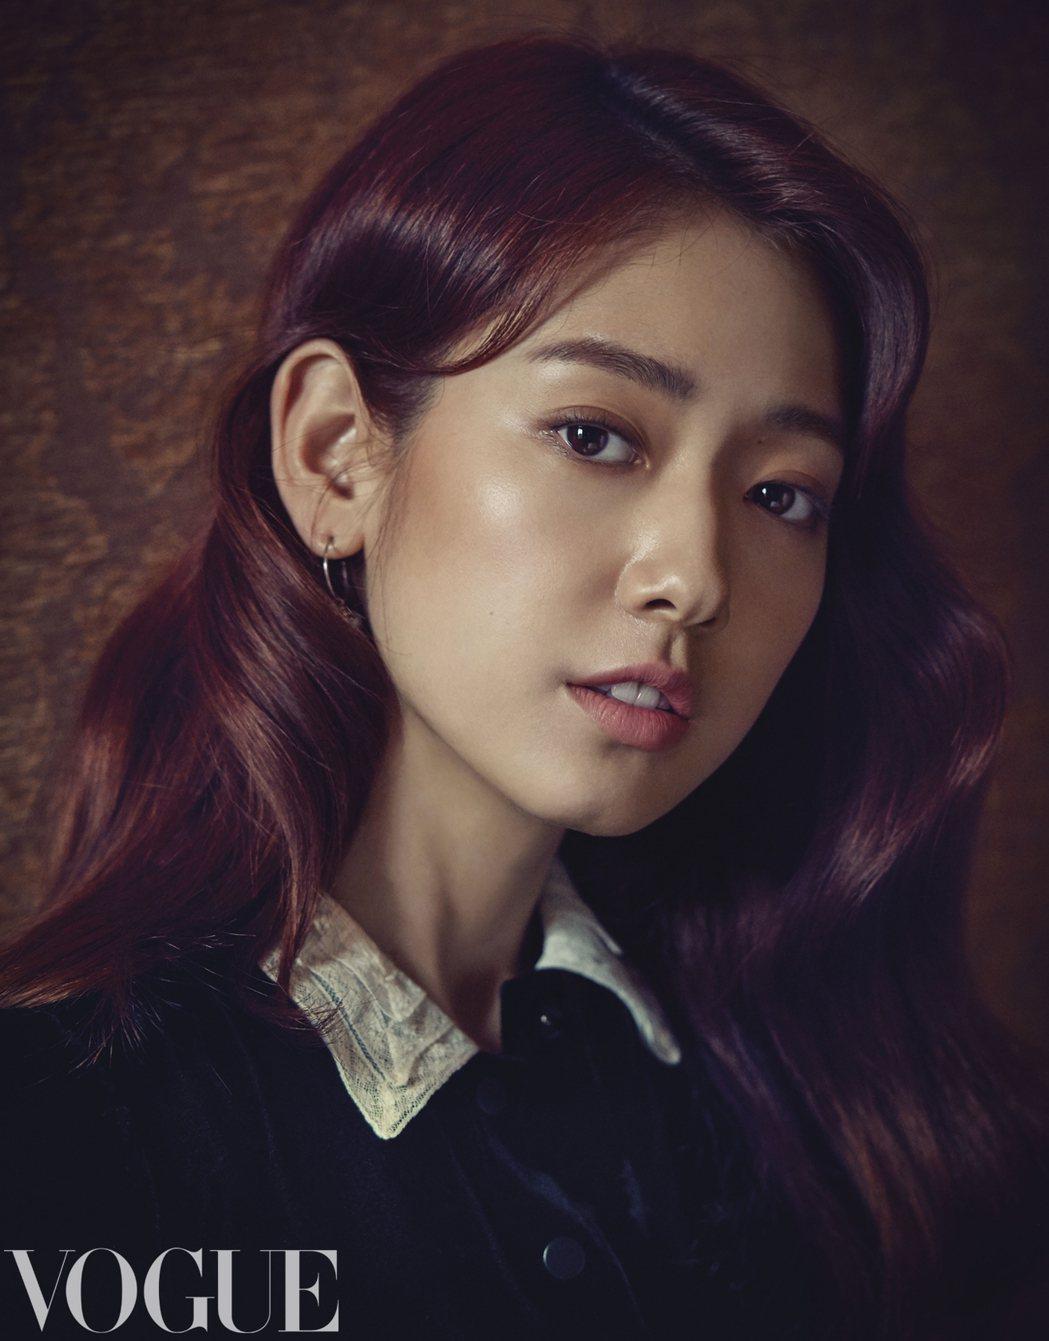 韓國女星朴信惠。圖/VOGUE提供